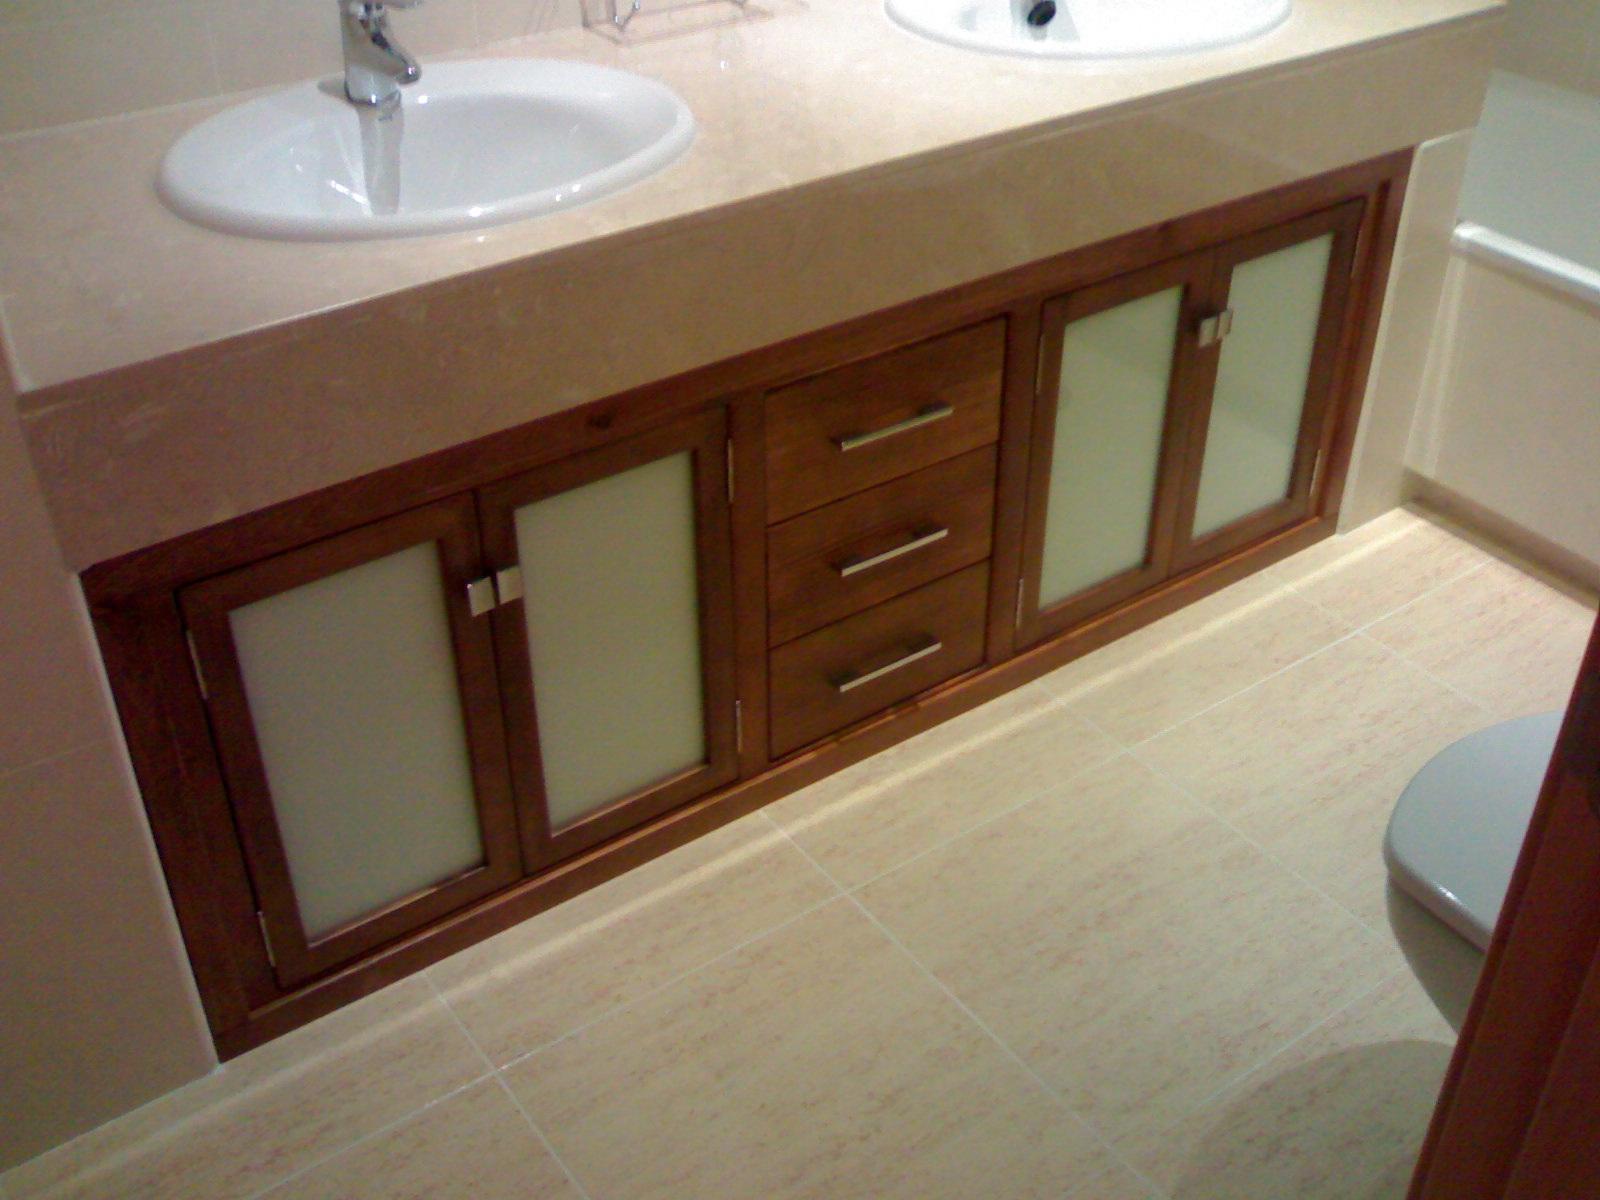 Muebles Para Baño De PinoFABRICANTES DE MUEBLES DE BAÑO A MEDIDA